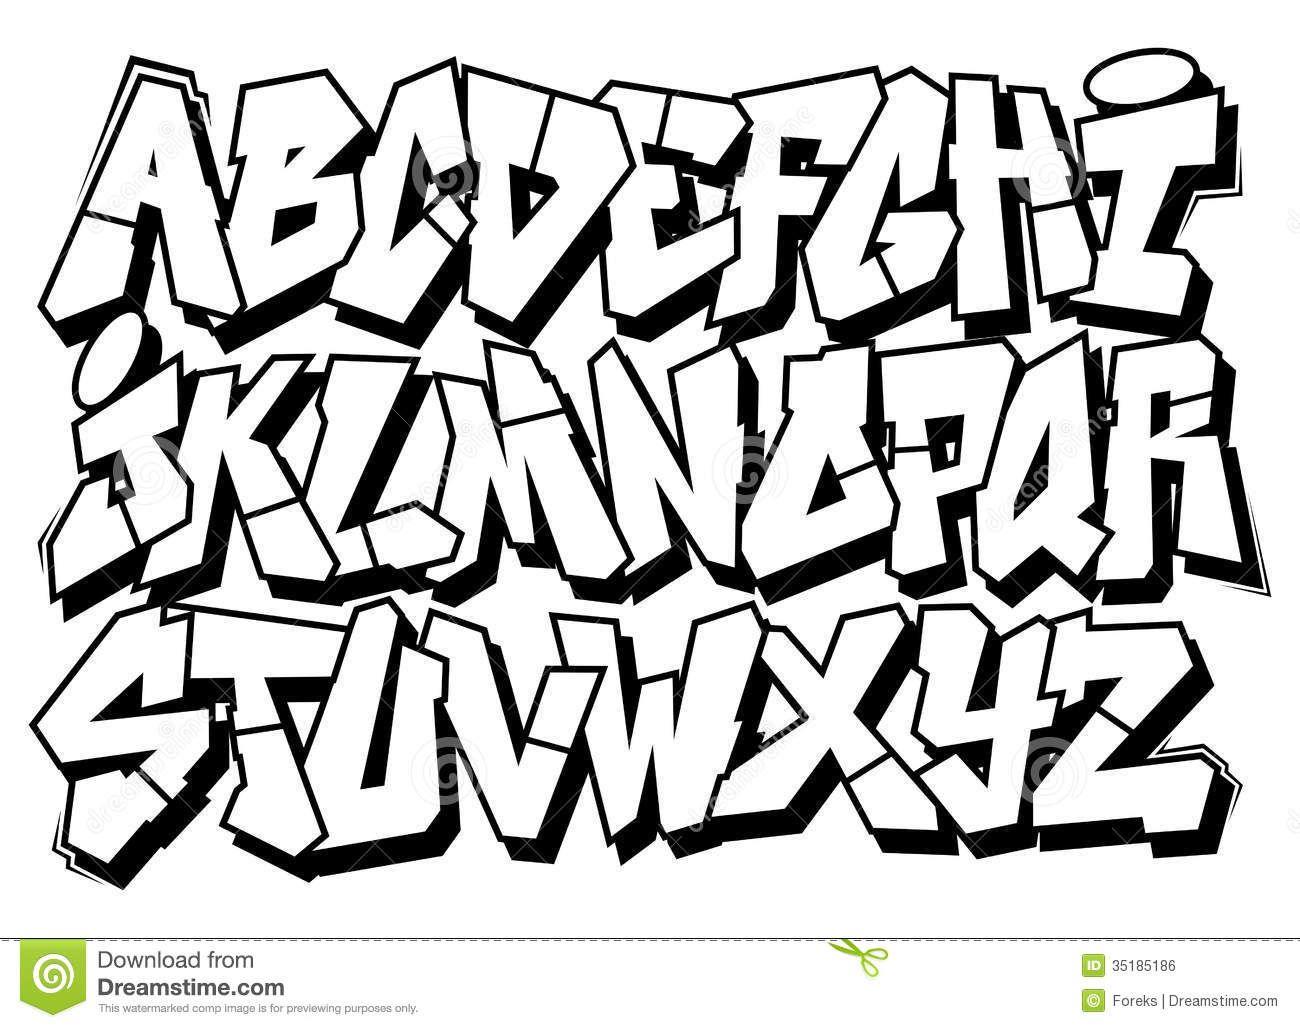 R sultat de recherche d 39 images pour tag cycle 3 art - L alphabet en graffiti ...